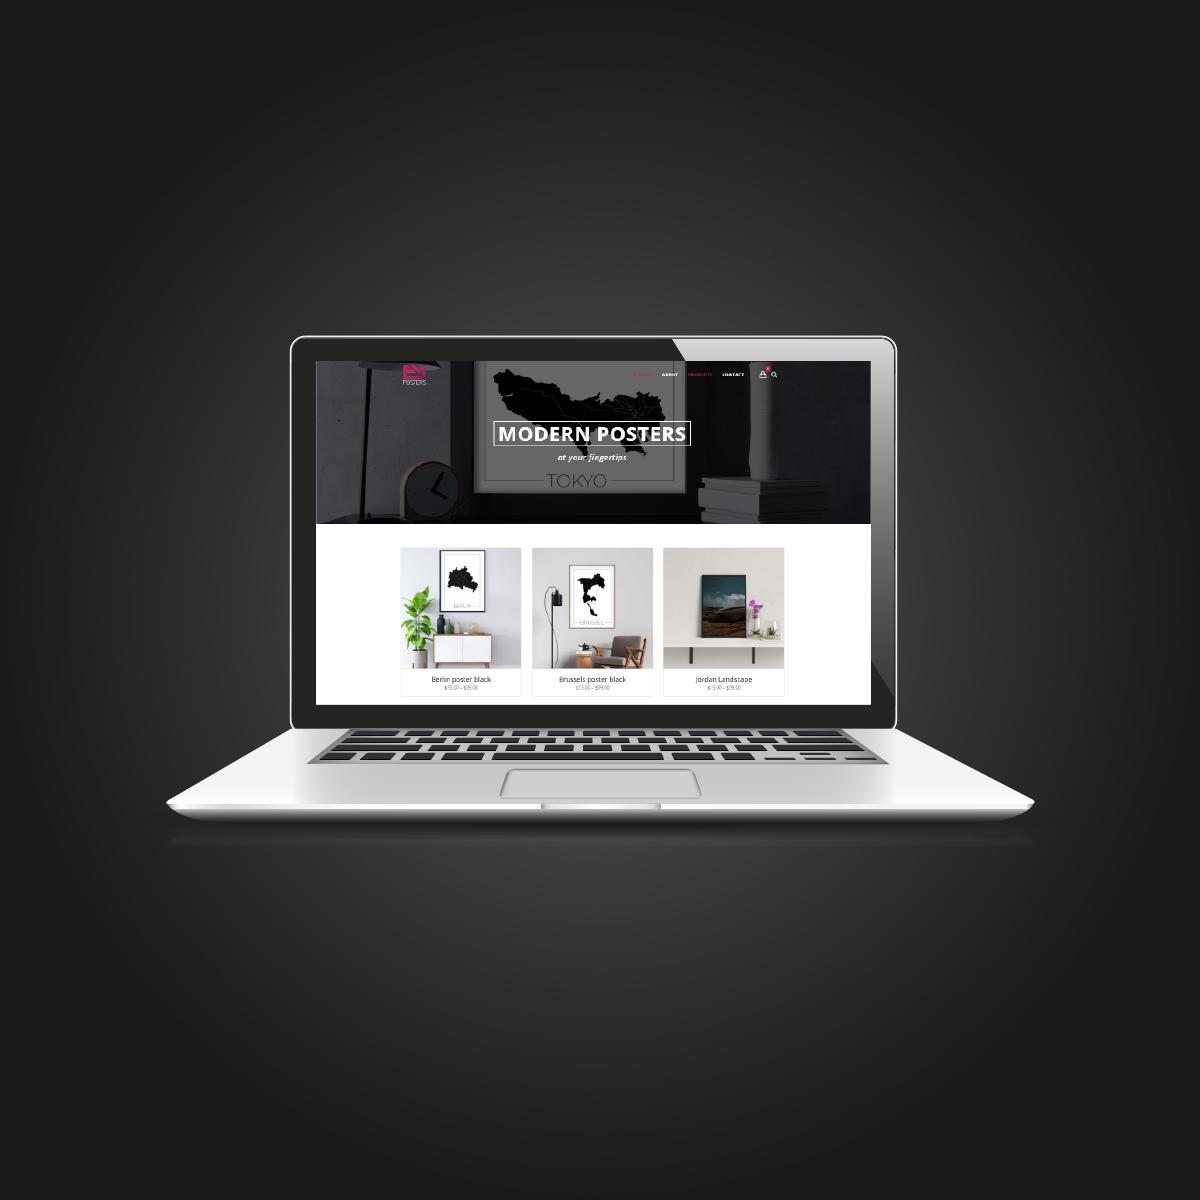 sklep internetowy emposters.com